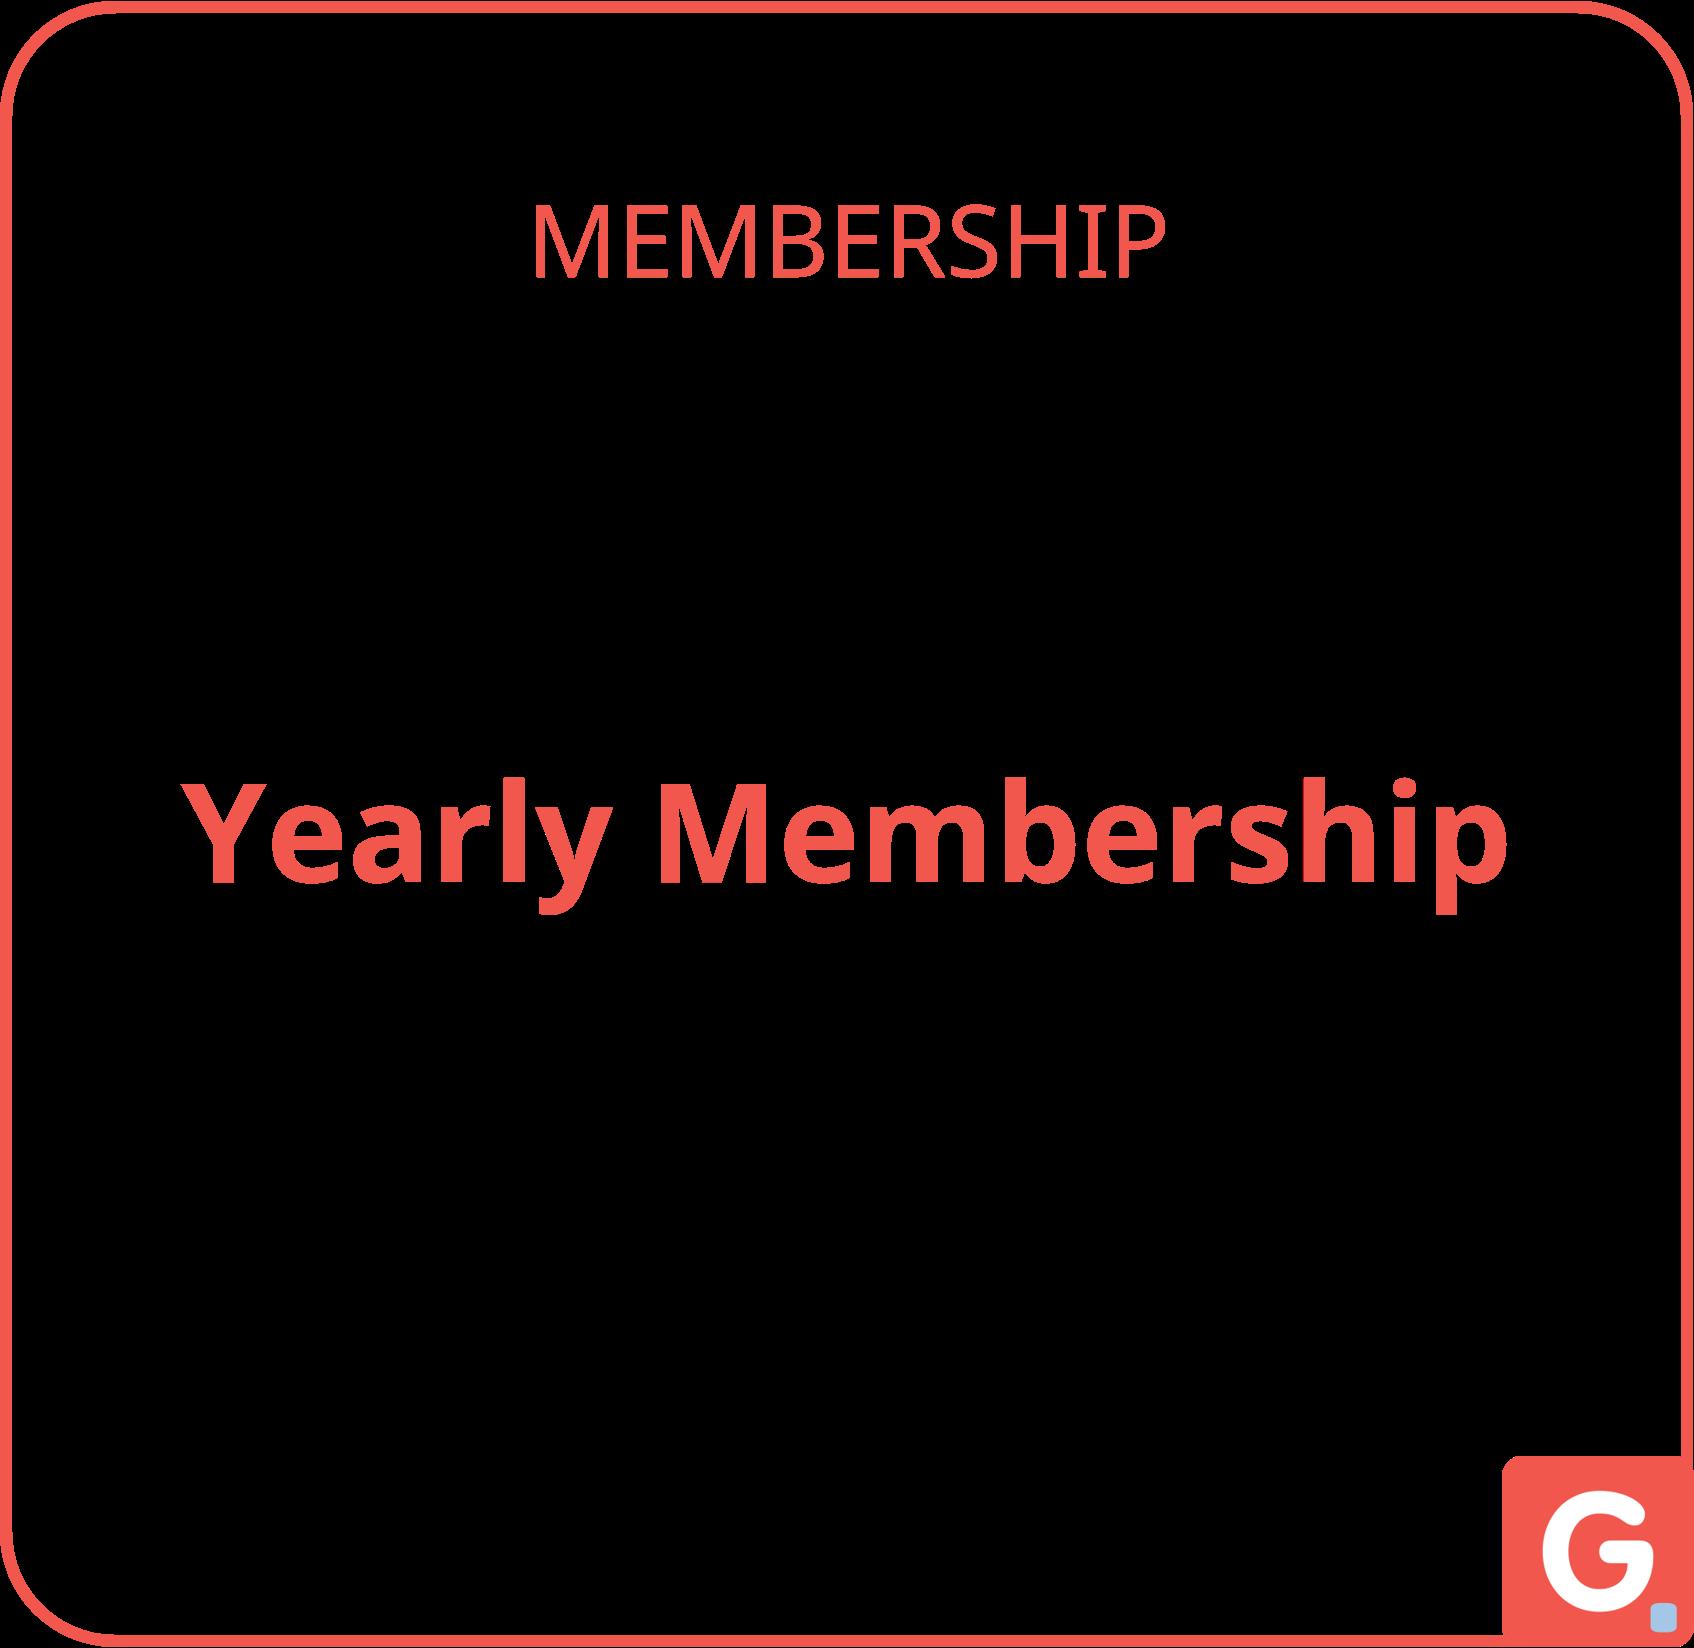 YEARLY MEMBERSHIP | Gpl.ONE